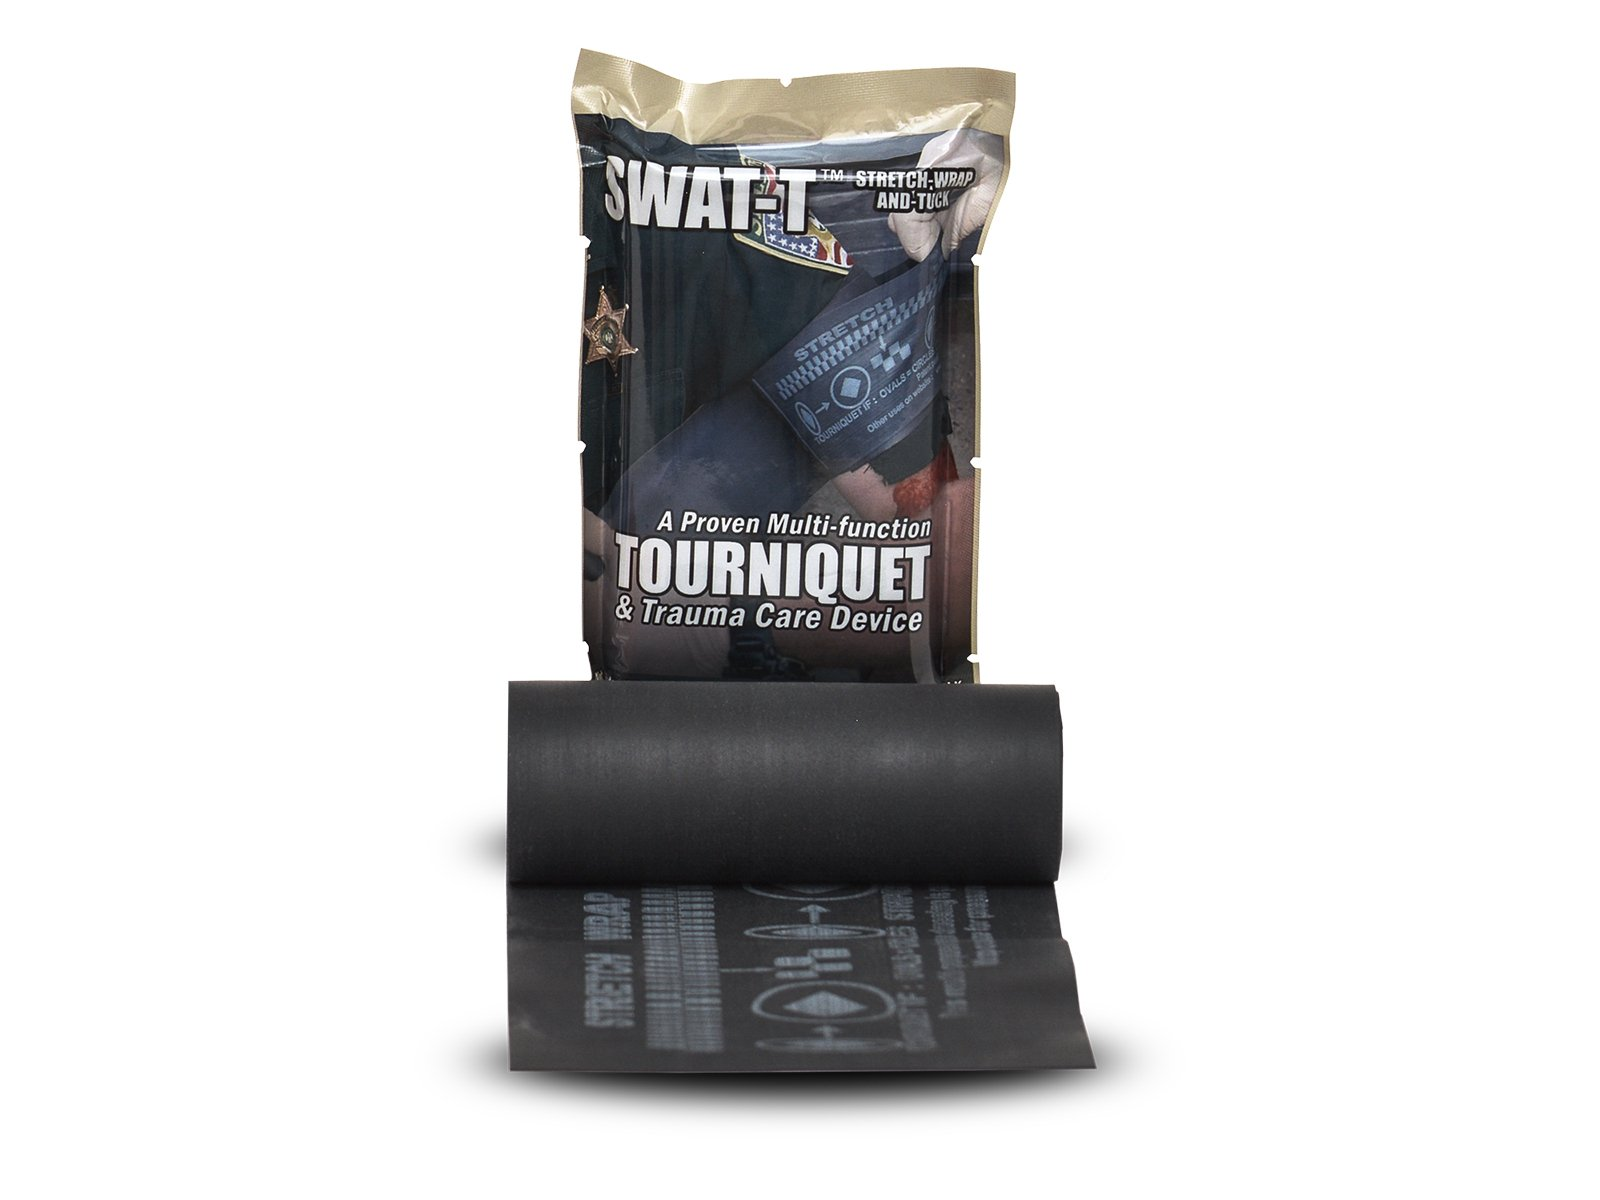 SWAT-T Tactical Black Tourniquet